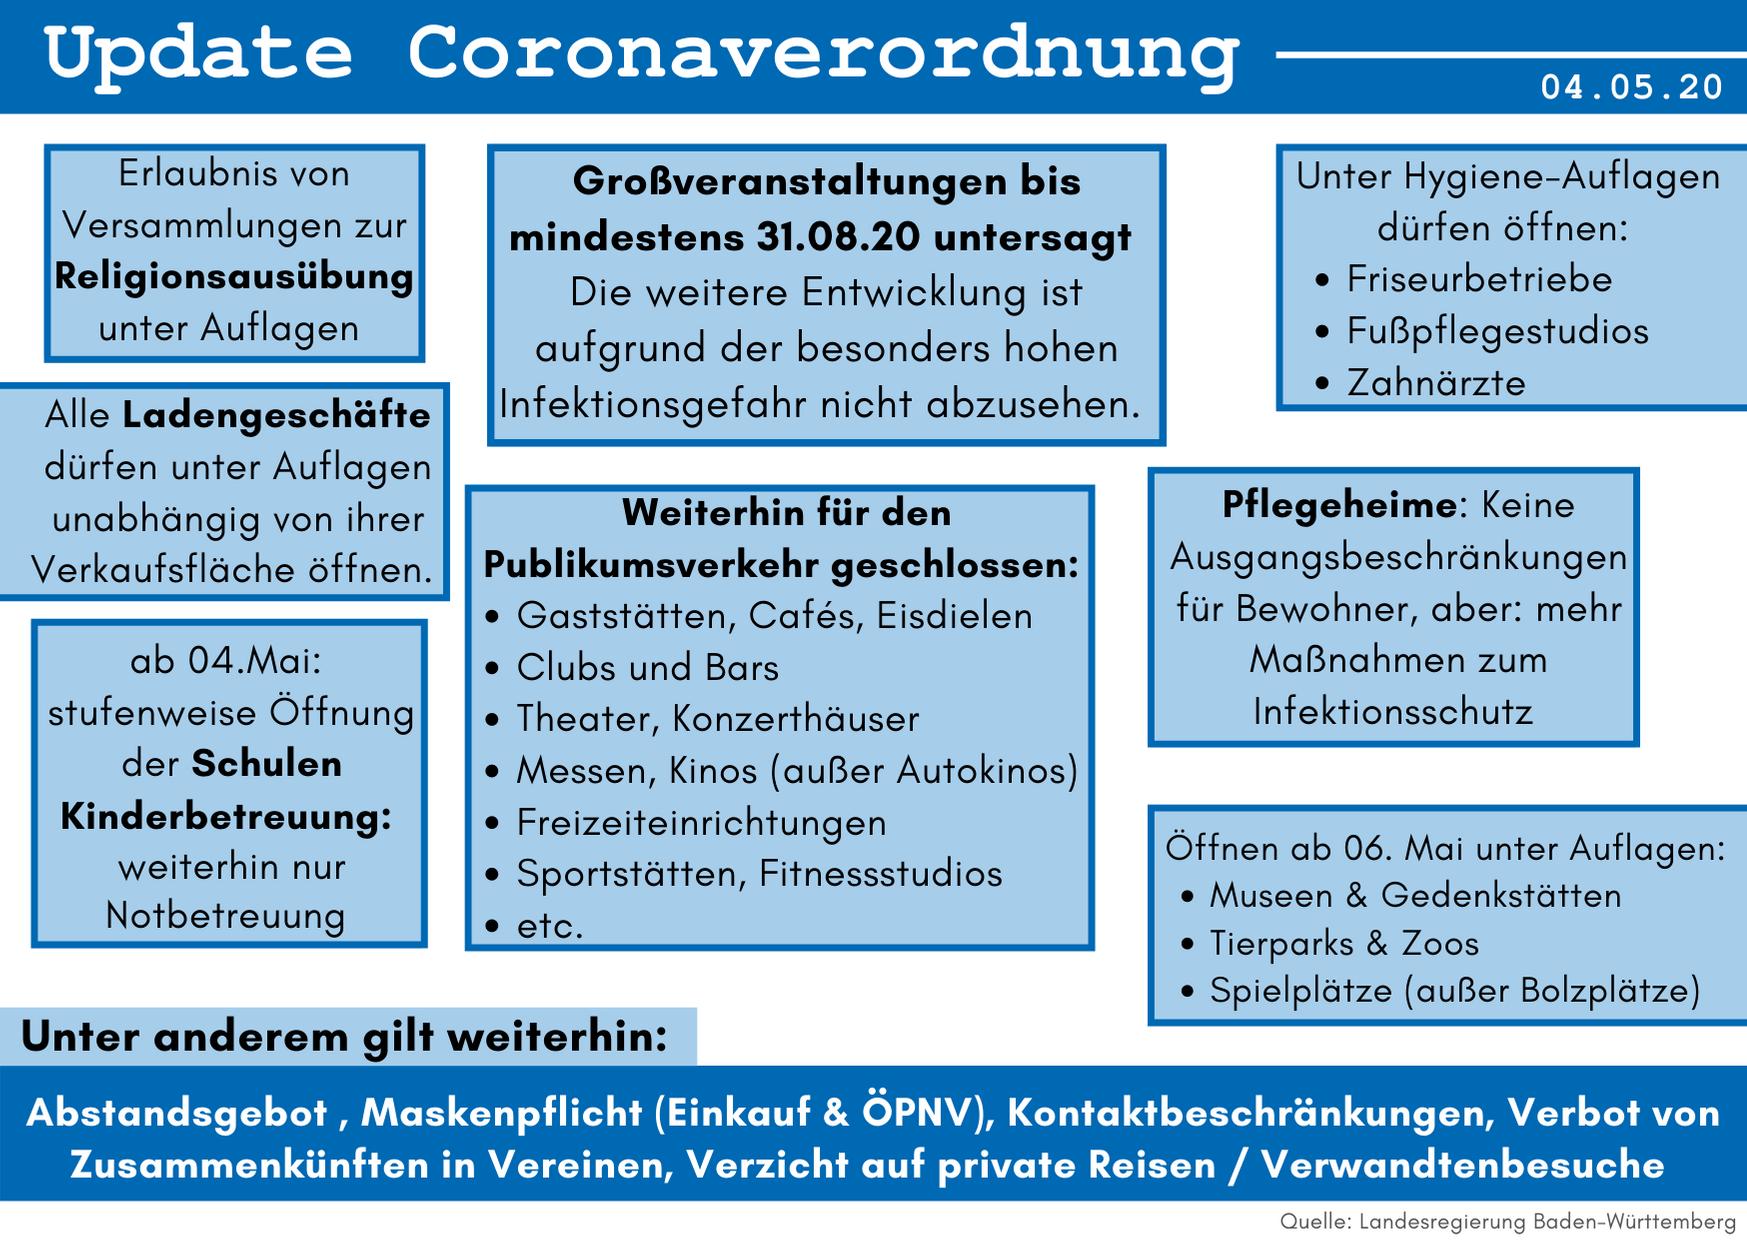 Coronaverordnung Vom 04 05 20 Das Ist Neu Gemeinde Weingarten Baden